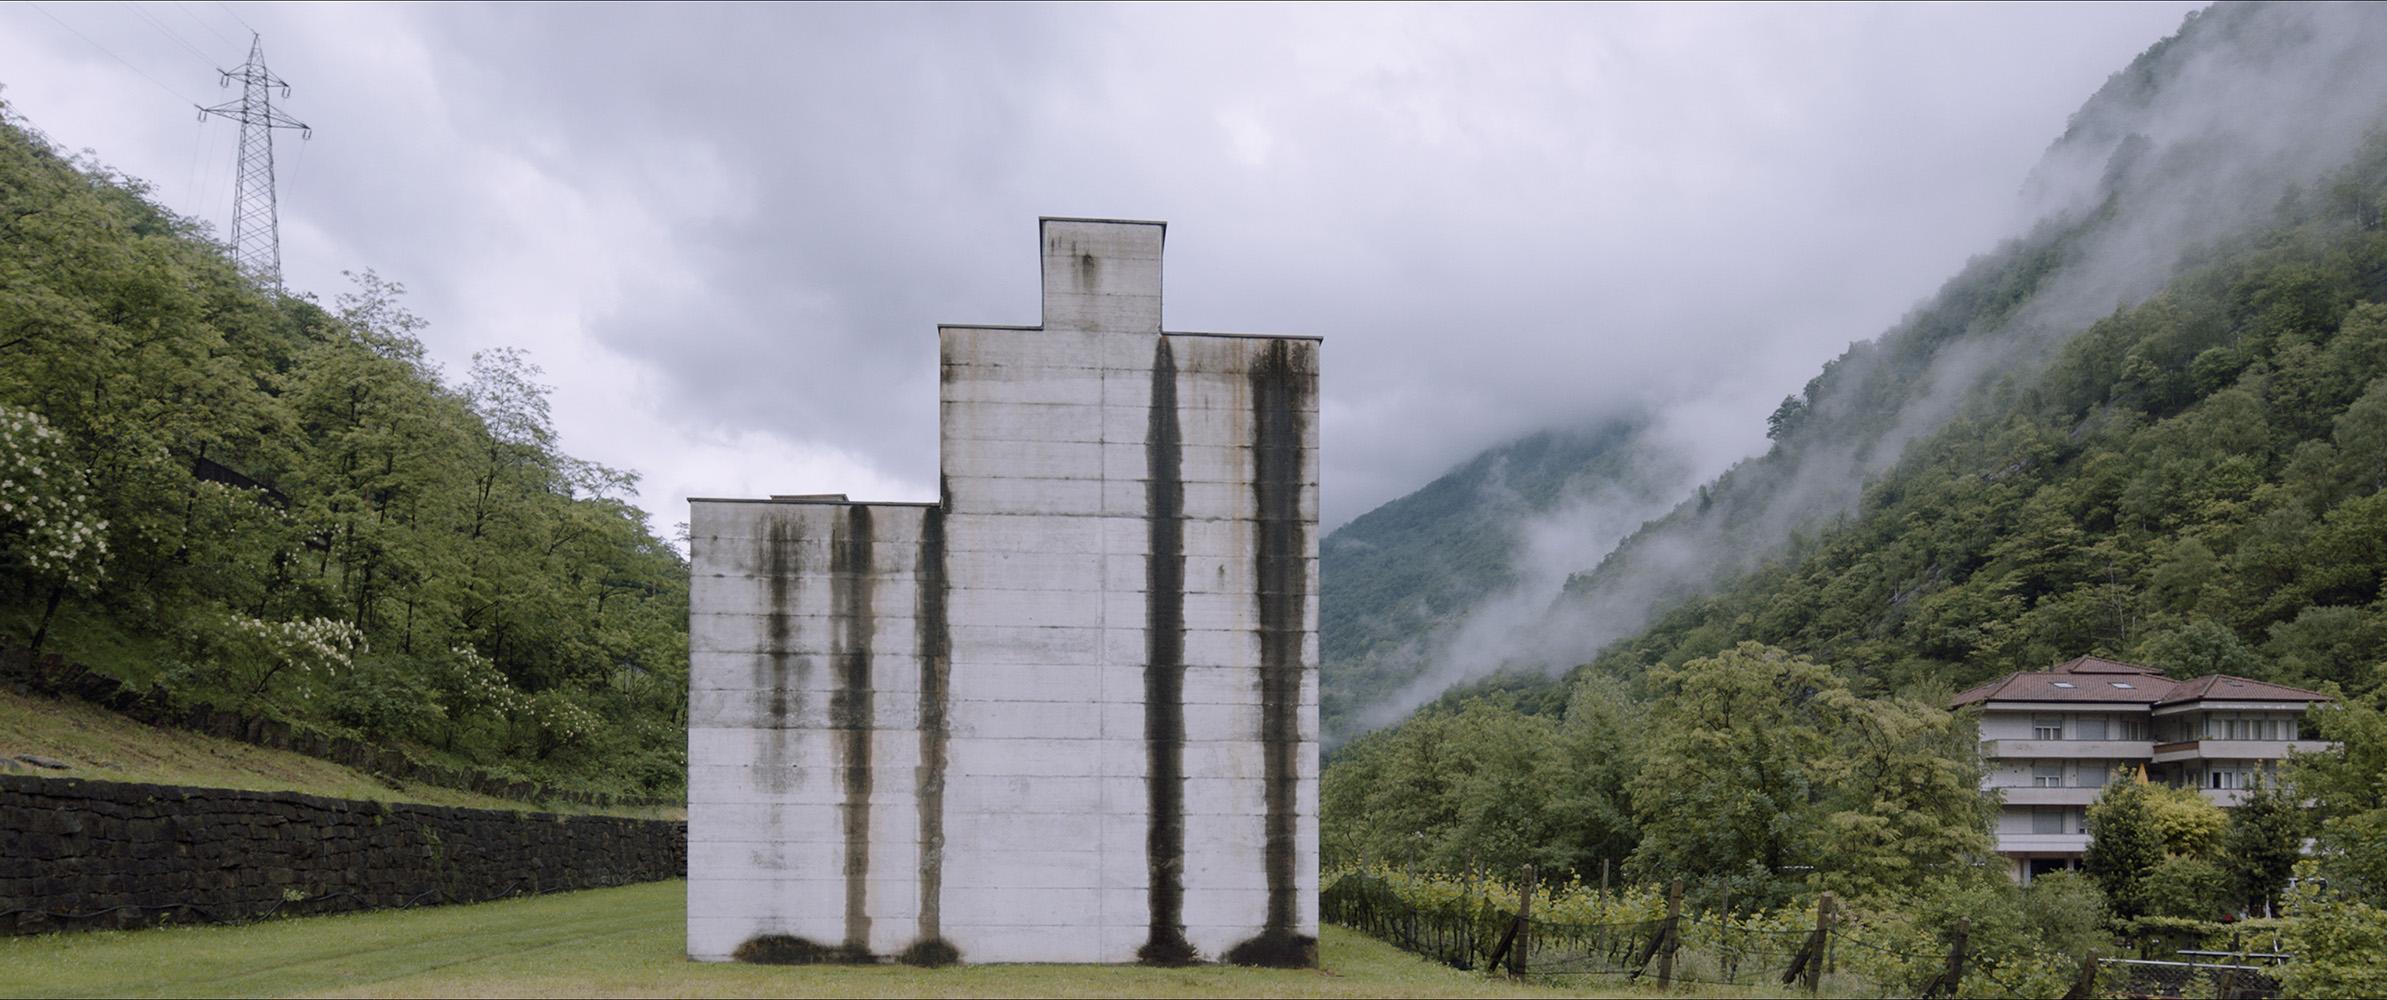 Architektur Der Unendlichkeit 05